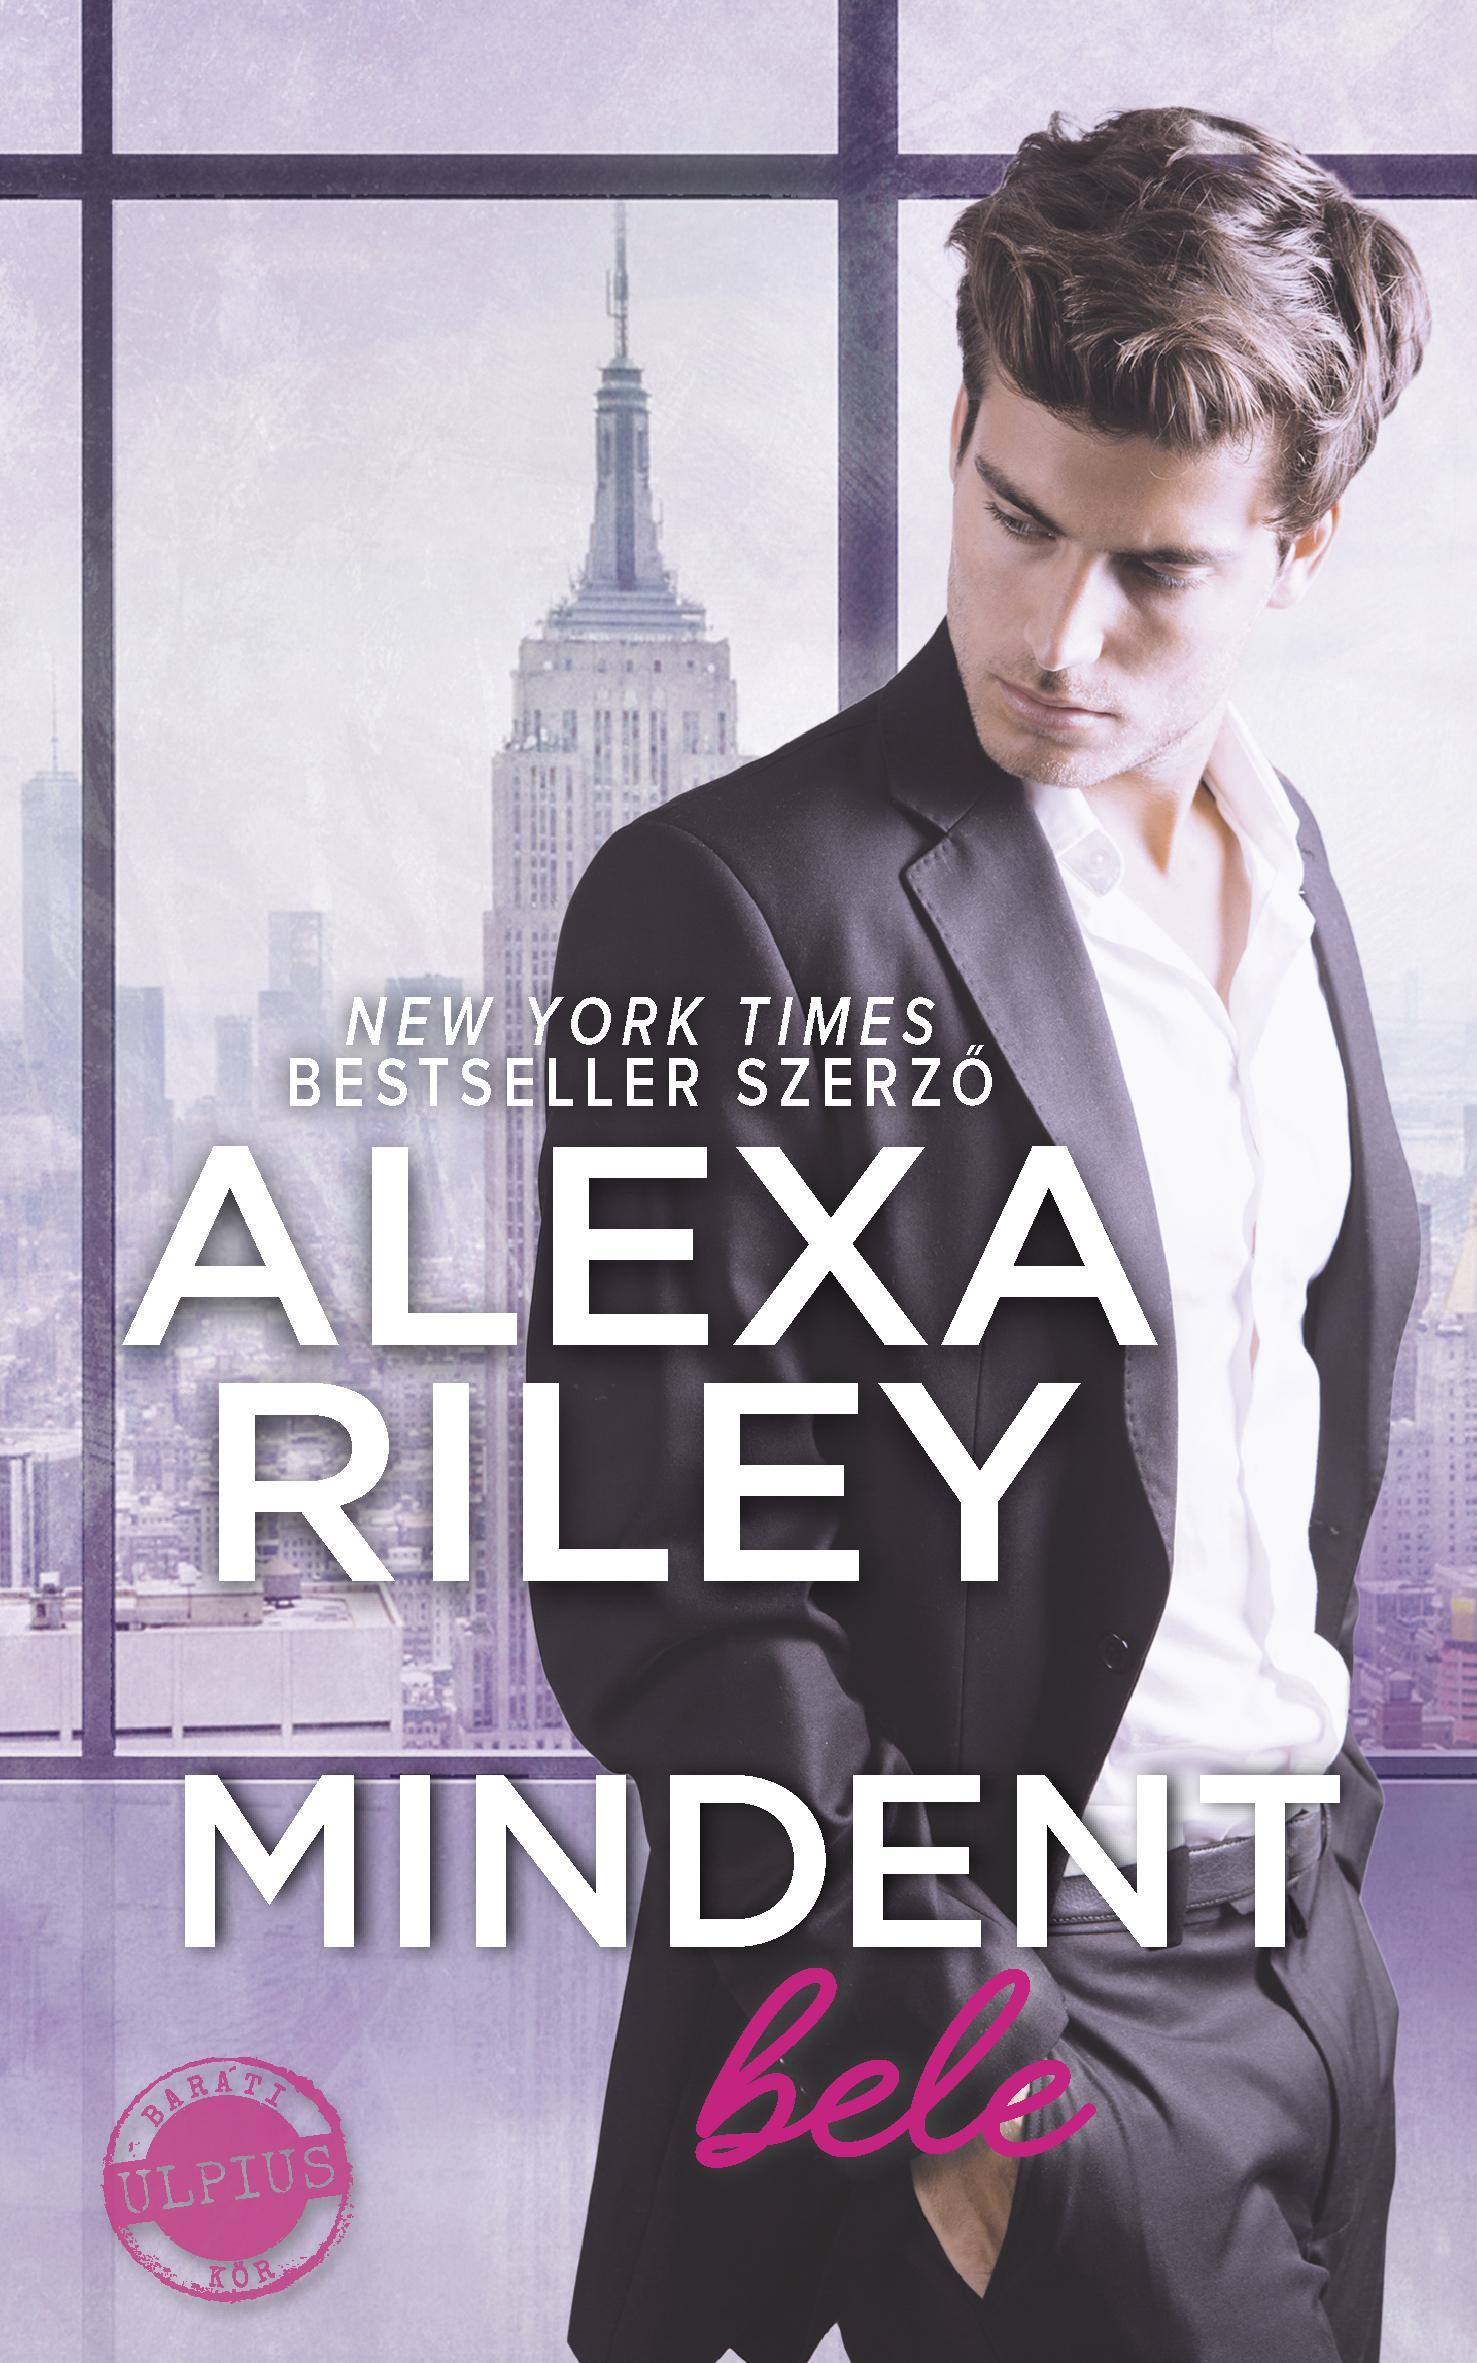 RILEY, ALEXA - MINDENT BELE